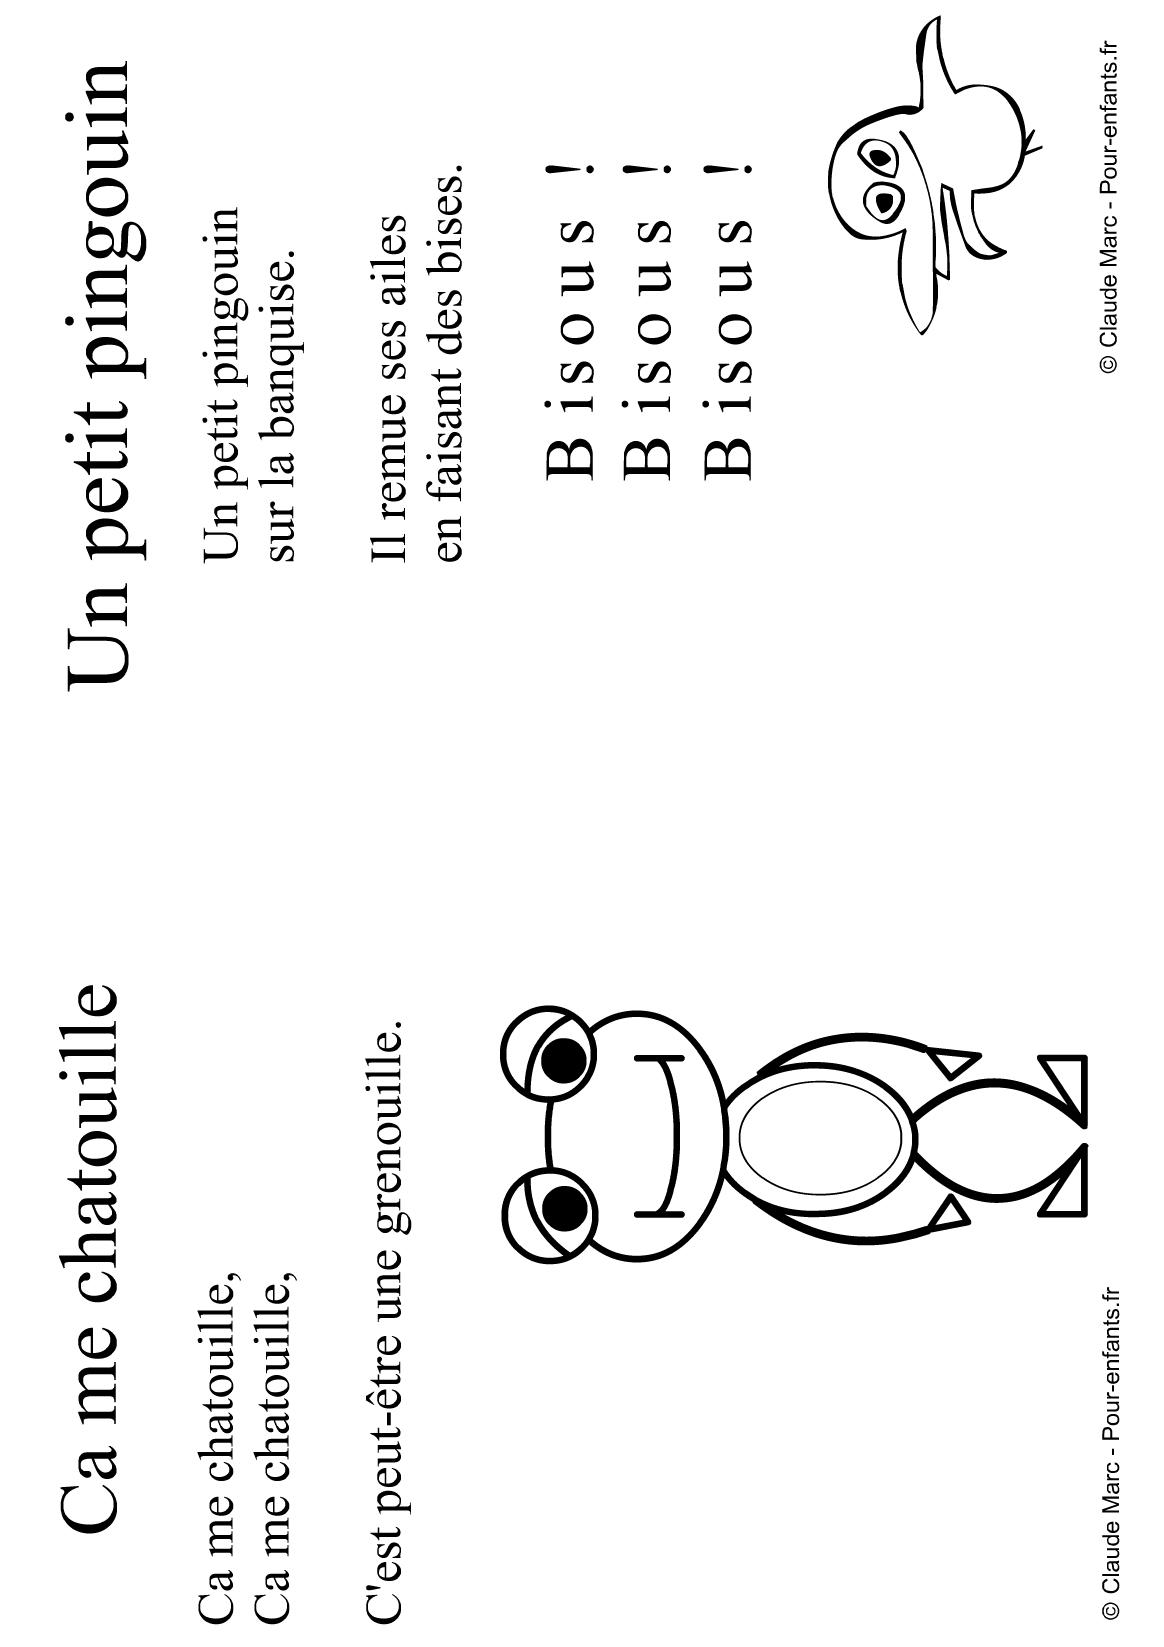 Cahier De Vacances Gratuit A Imprimer Maternelle Pour destiné Cahier De Vacances Maternelle À Imprimer